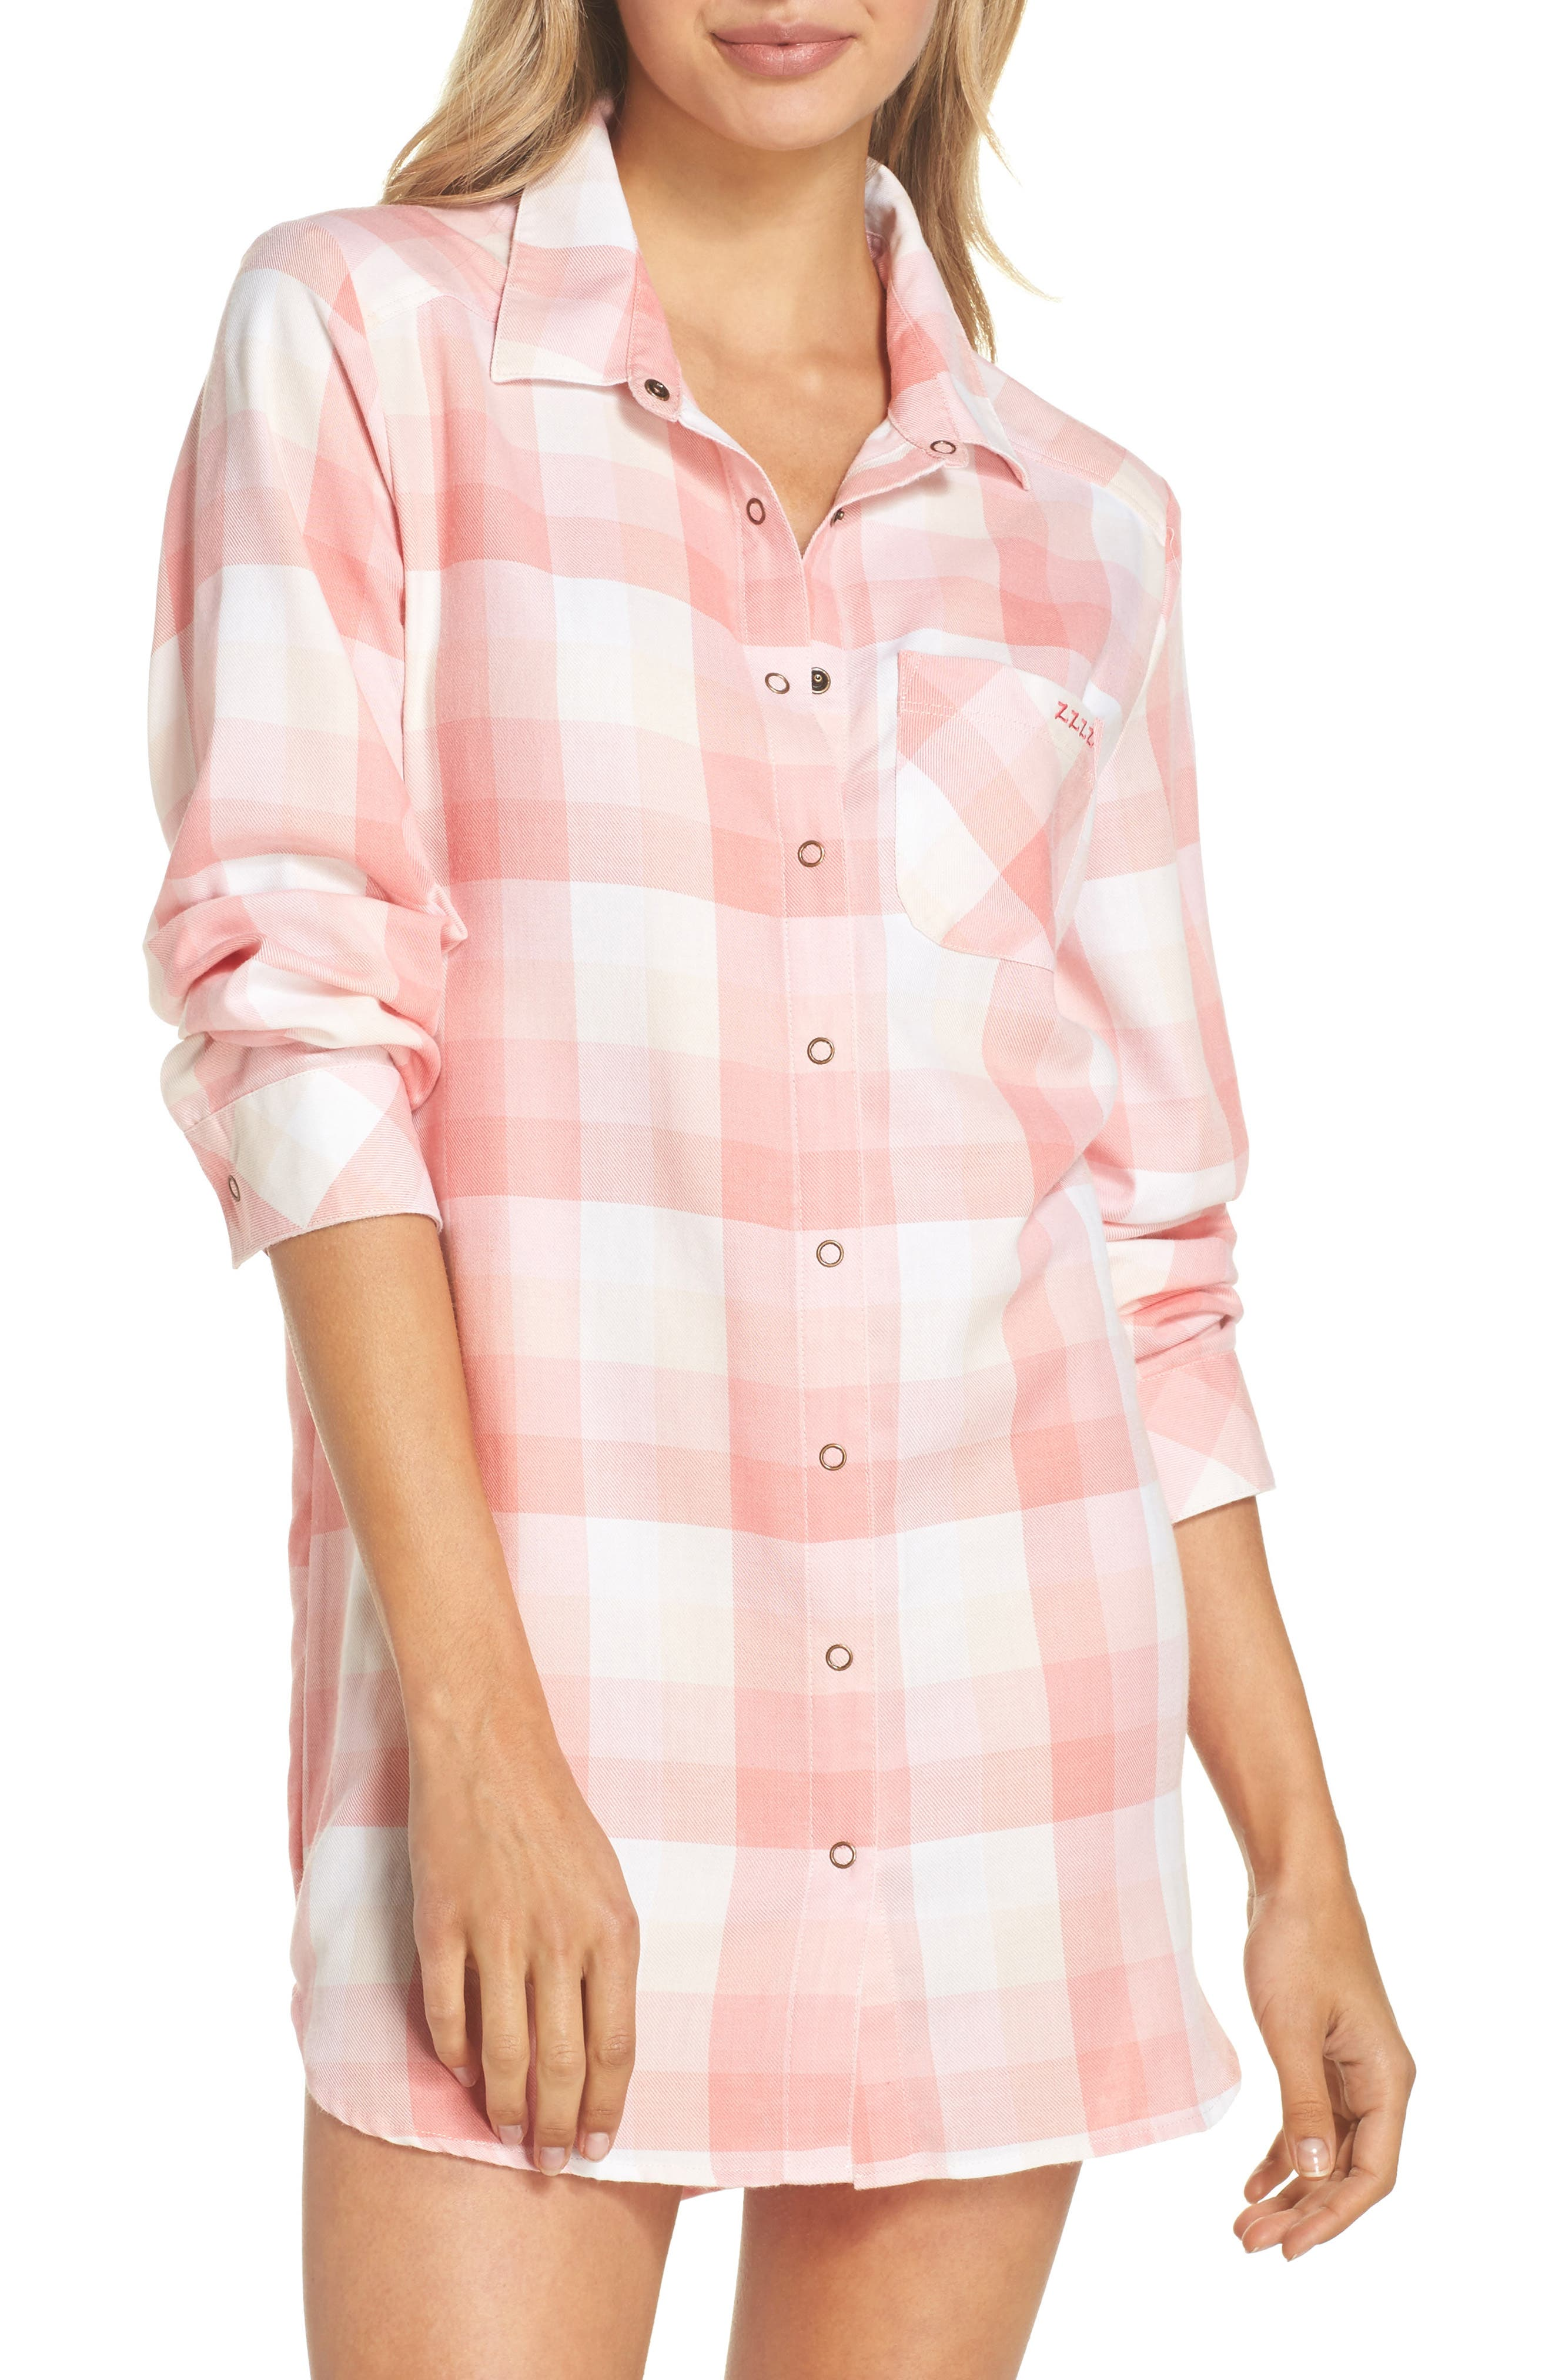 Plaid Nightshirt,                         Main,                         color, Pink Flamingo Laurn Plaid